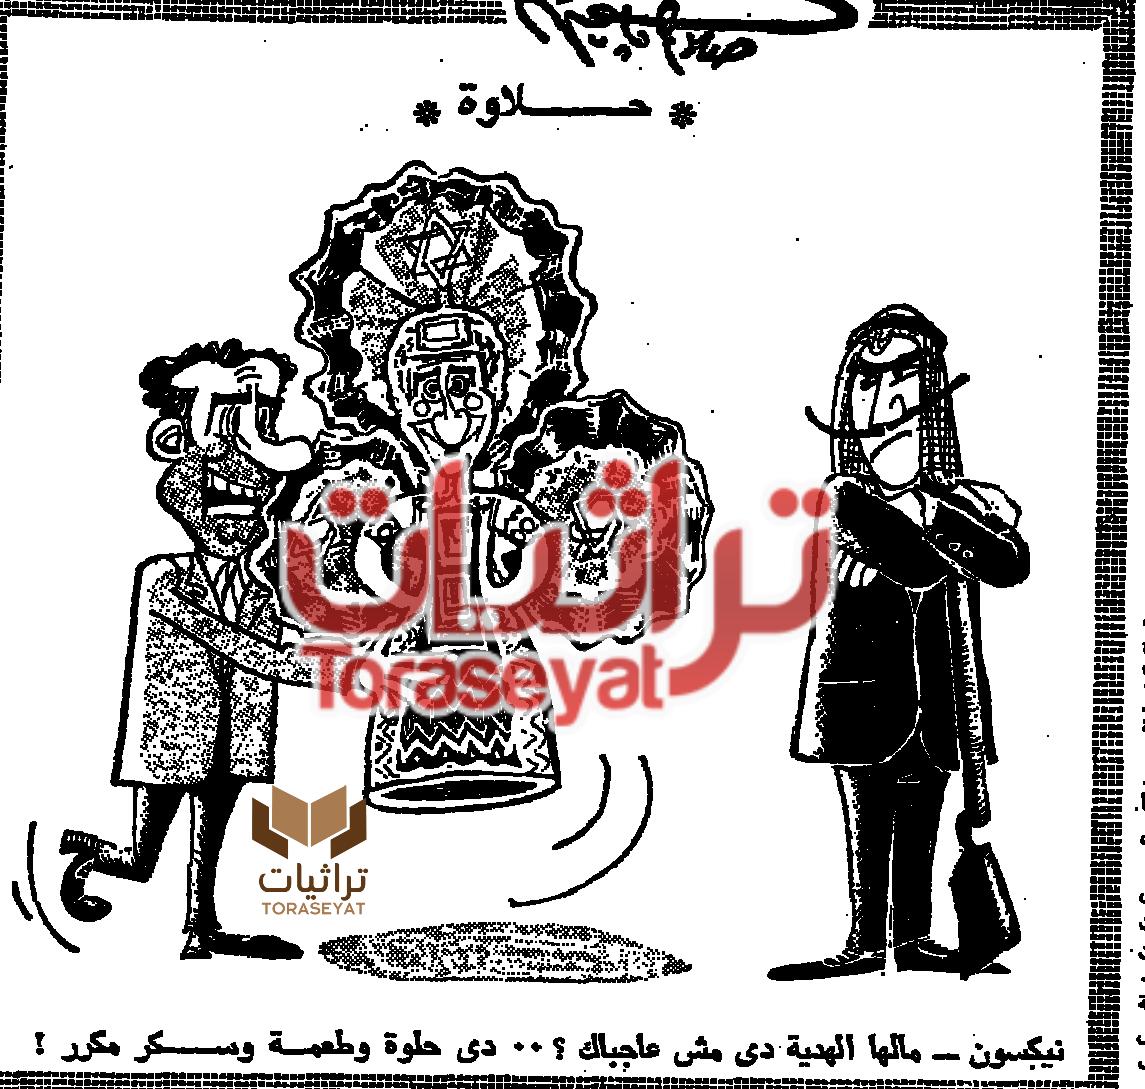 وجه جمال عبدالناصر على عروسة المولد النبوي